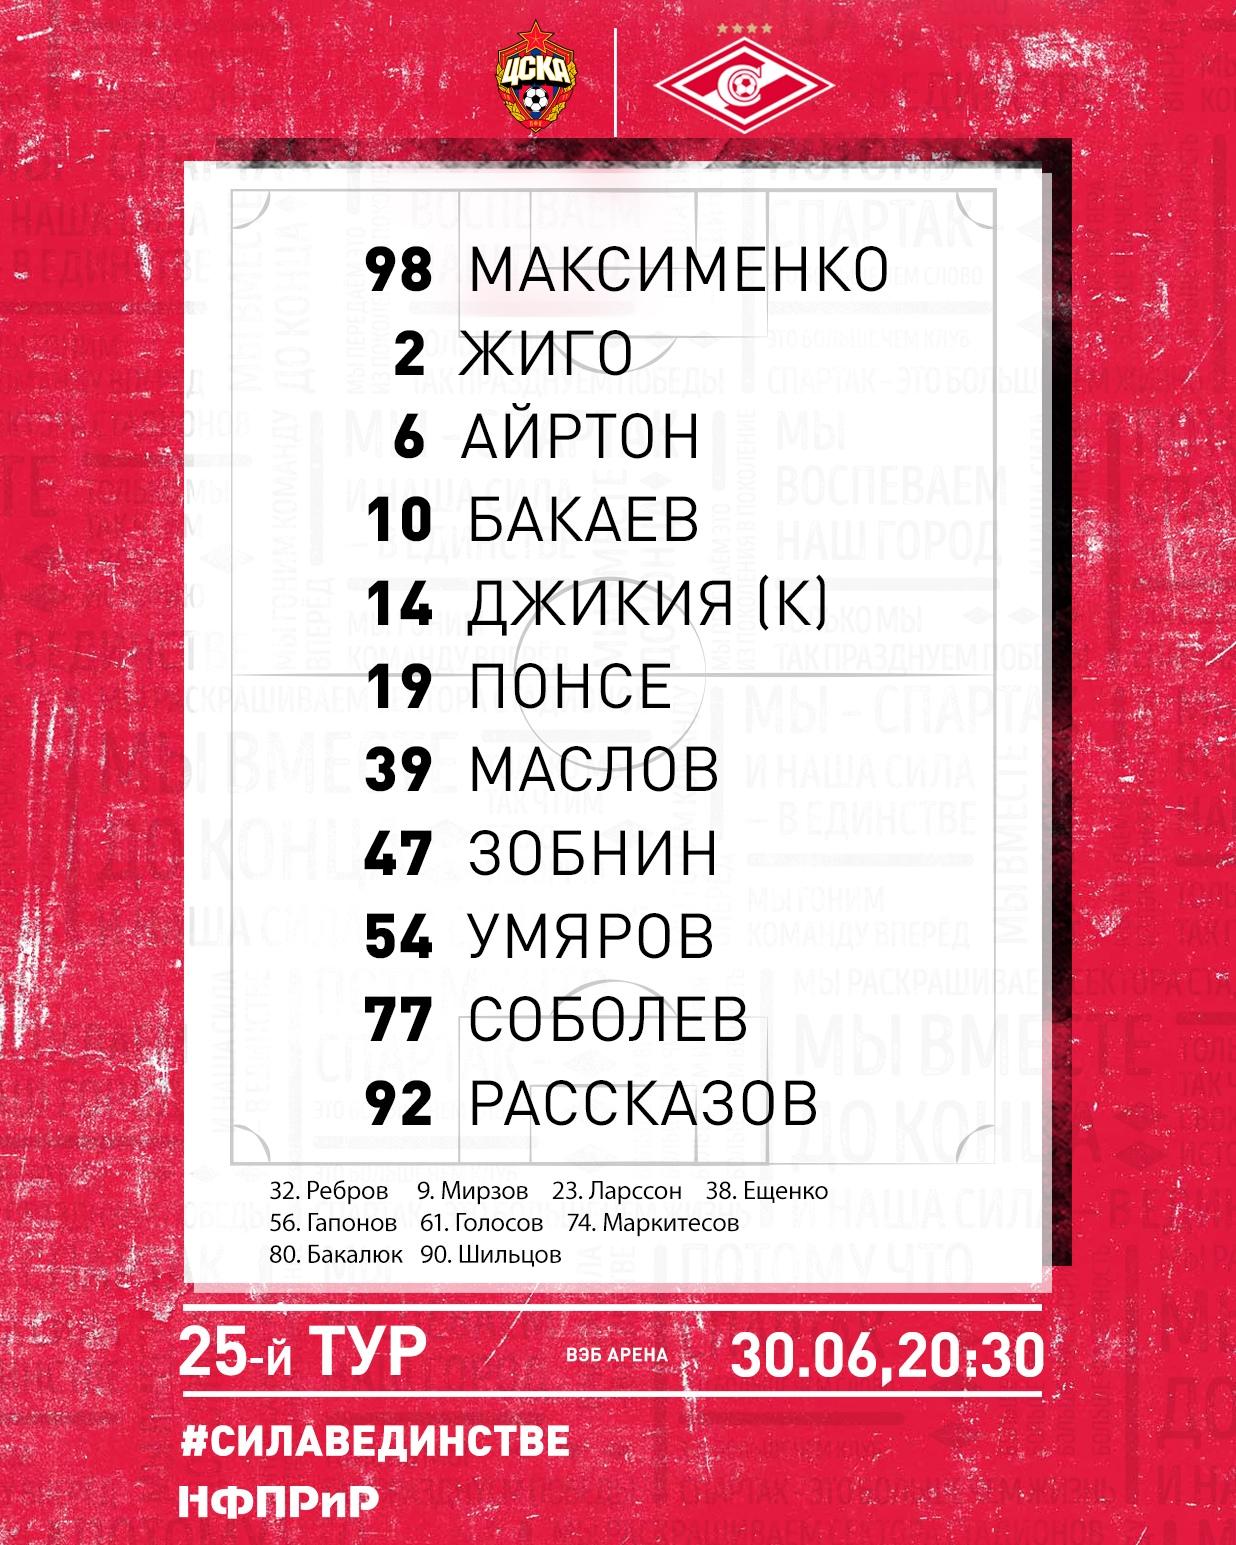 Состав «Спартака» на матч 25 тура с ЦСКА